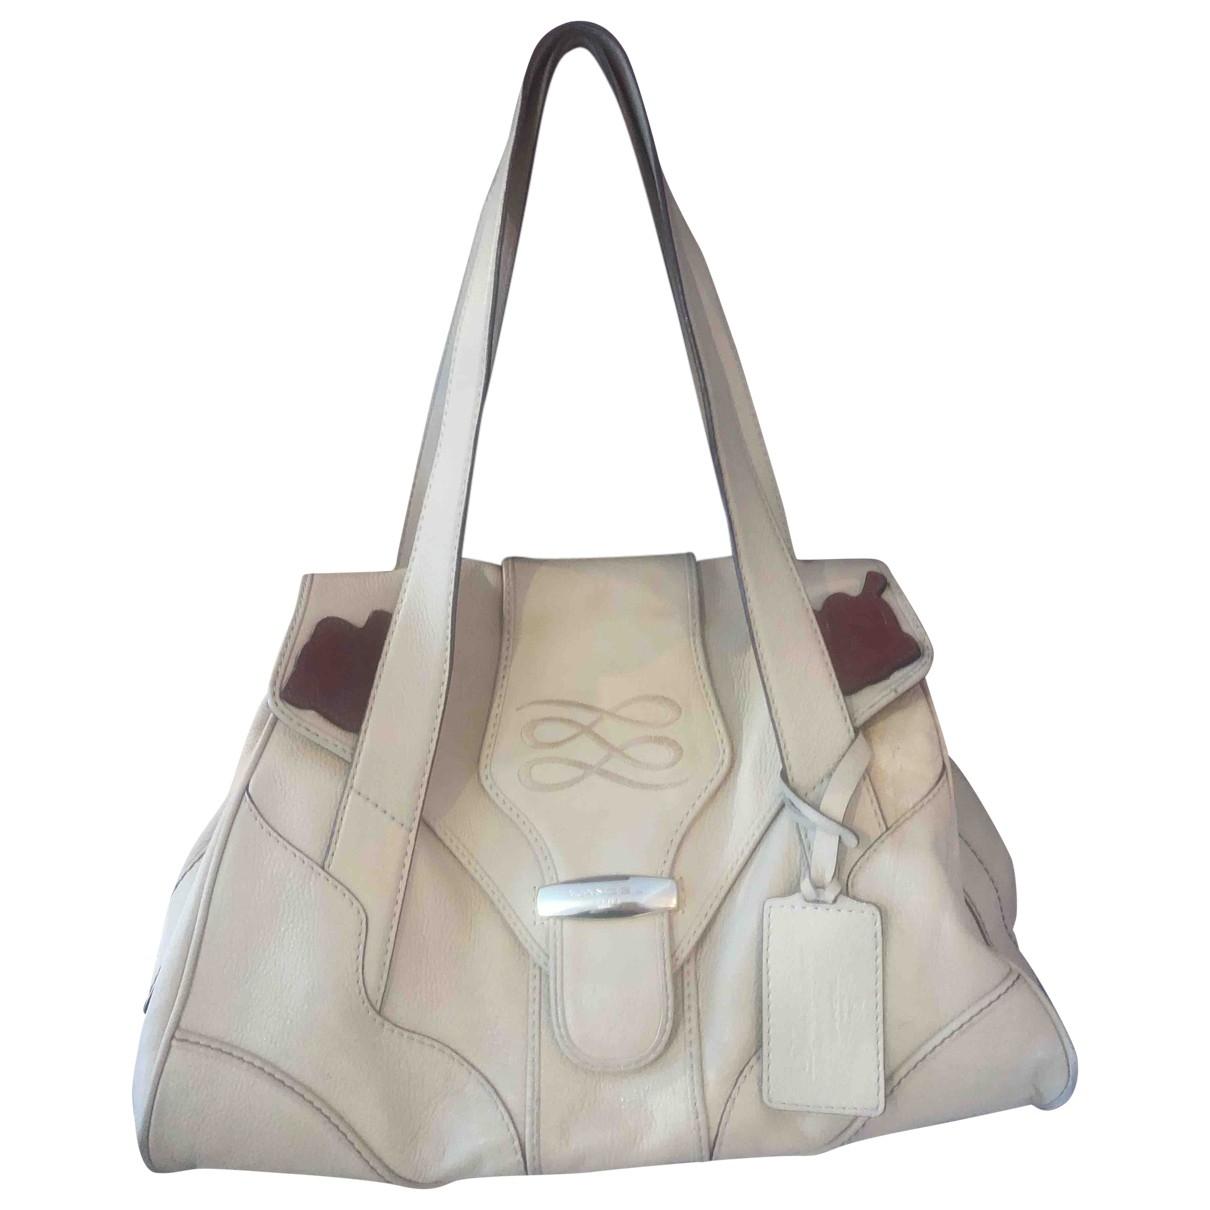 Lancel \N Ecru Leather handbag for Women \N